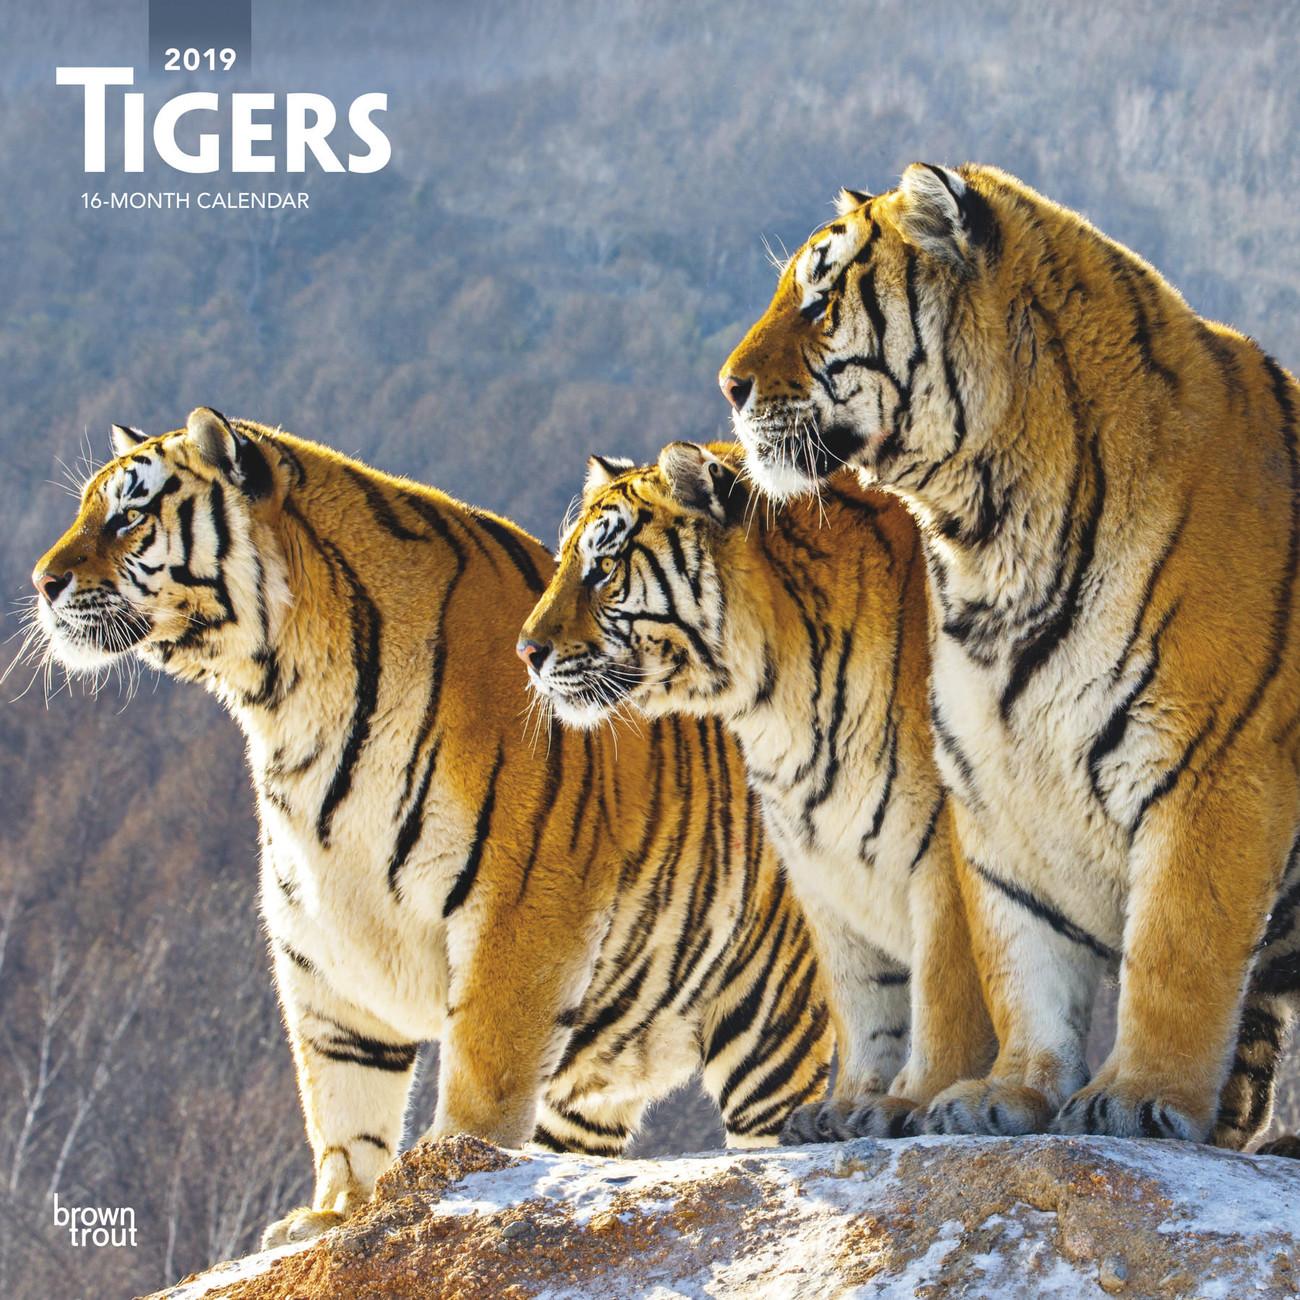 Calendario Tiger 2019.Calendario 2020 Tigers